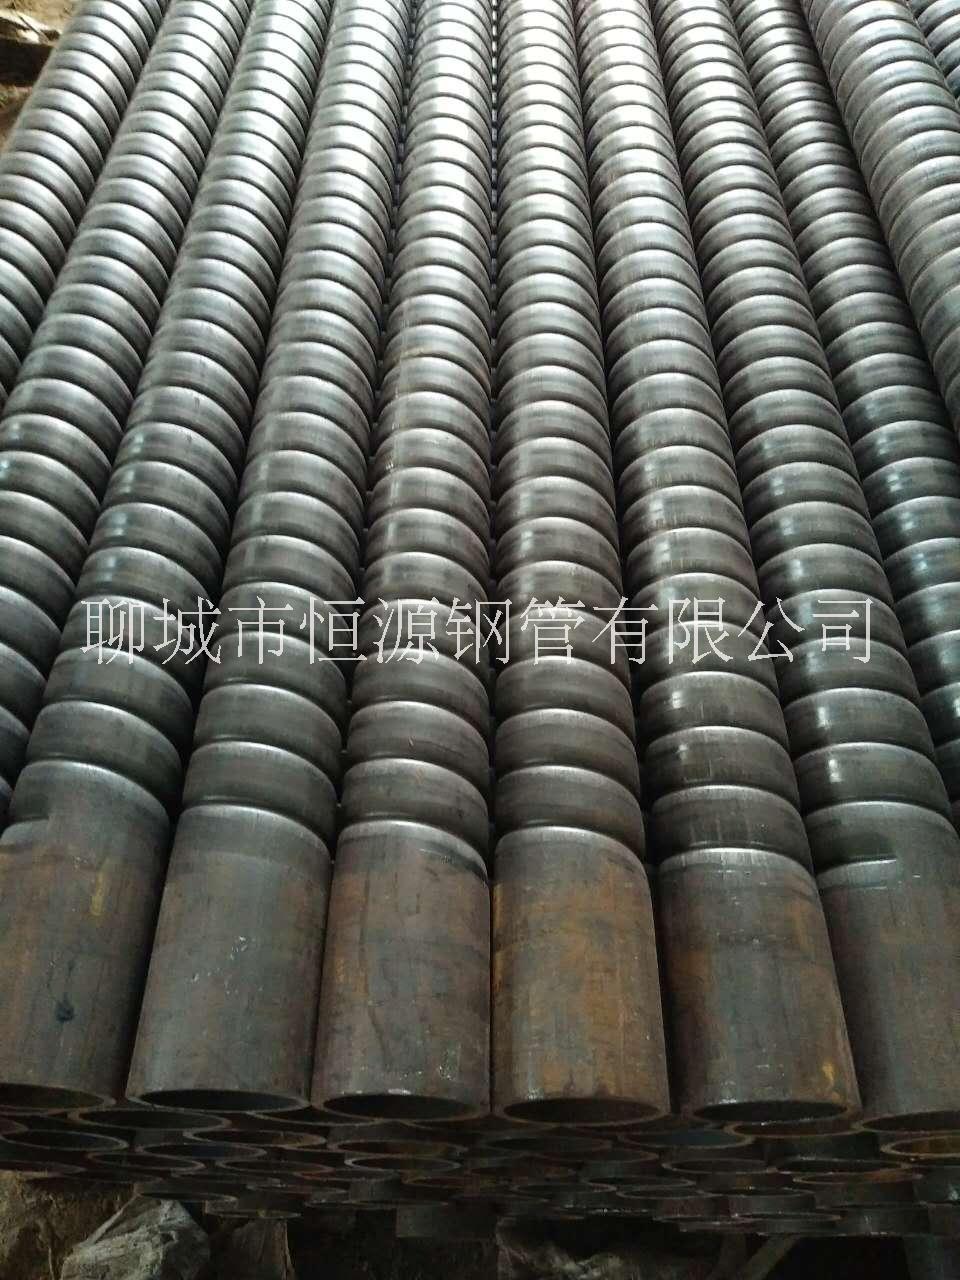 20#定尺螺纹烟管生产加工厂电话